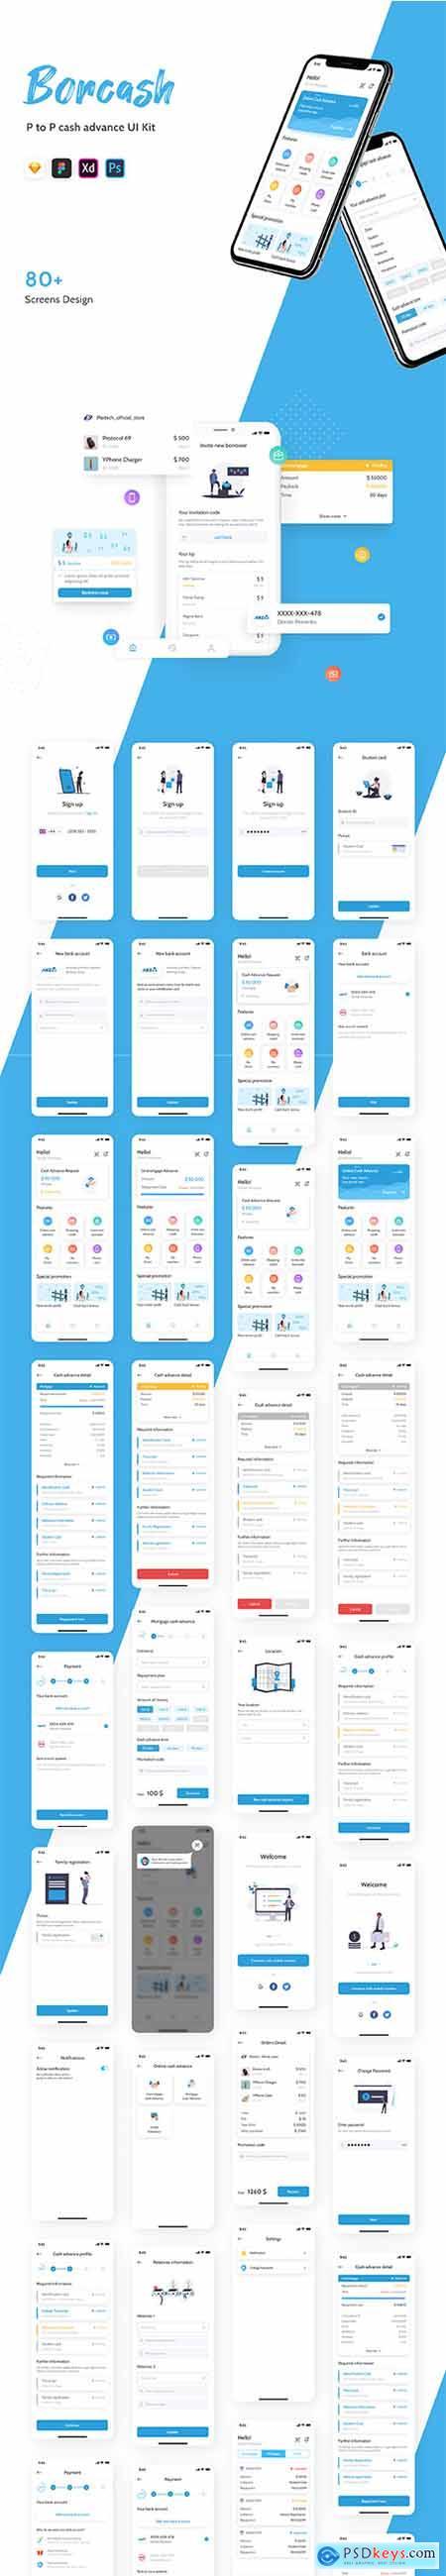 Borcash - P2P Lending UI Kit